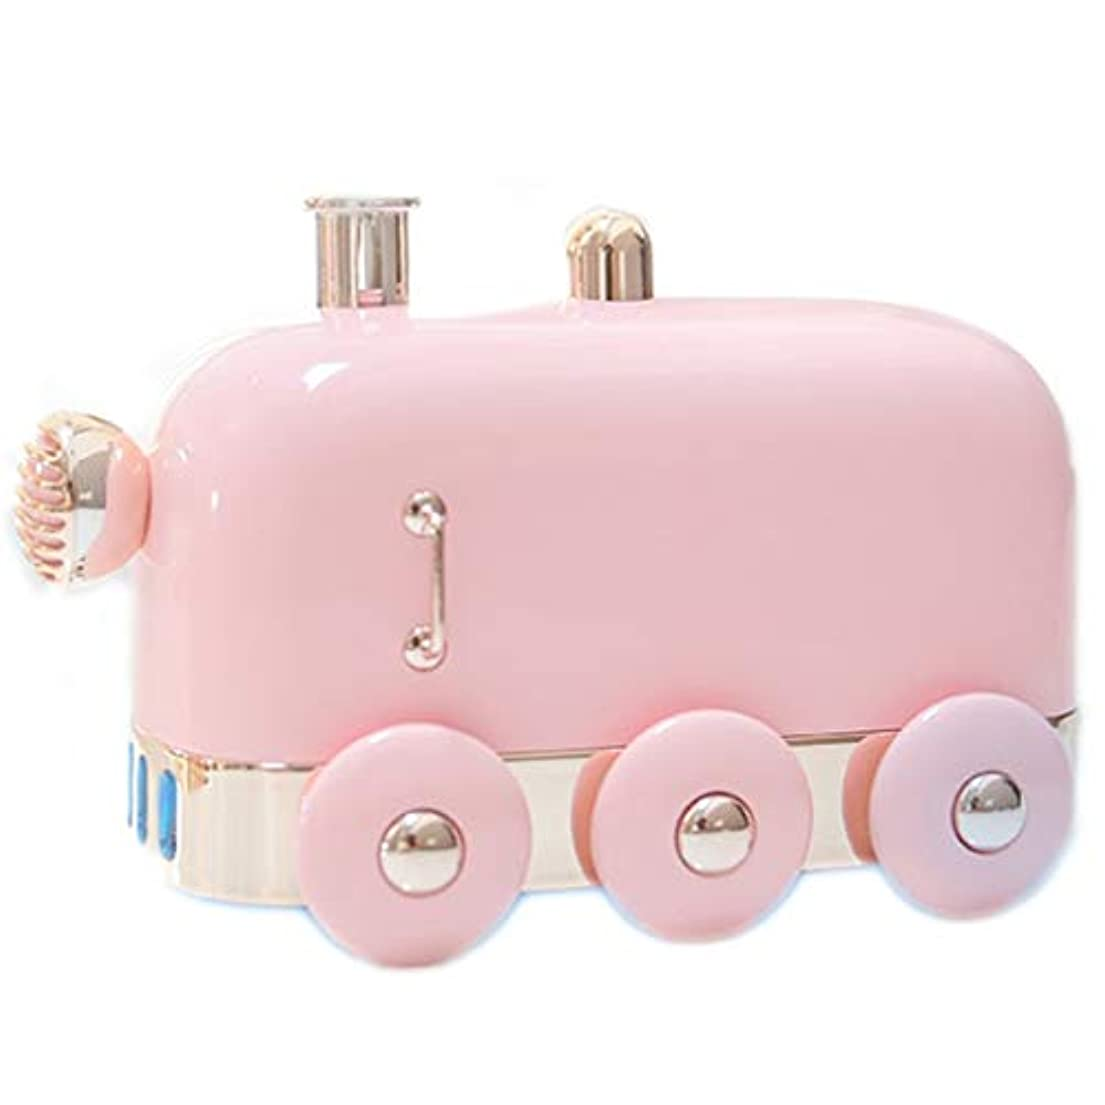 保証金に渡って住むアロマセラピーエッセンシャルオイルディフューザー、アロマディフューザークールミスト加湿器ウォーターレスオートシャットオフホームオフィス用ヨガ (Color : Pink)